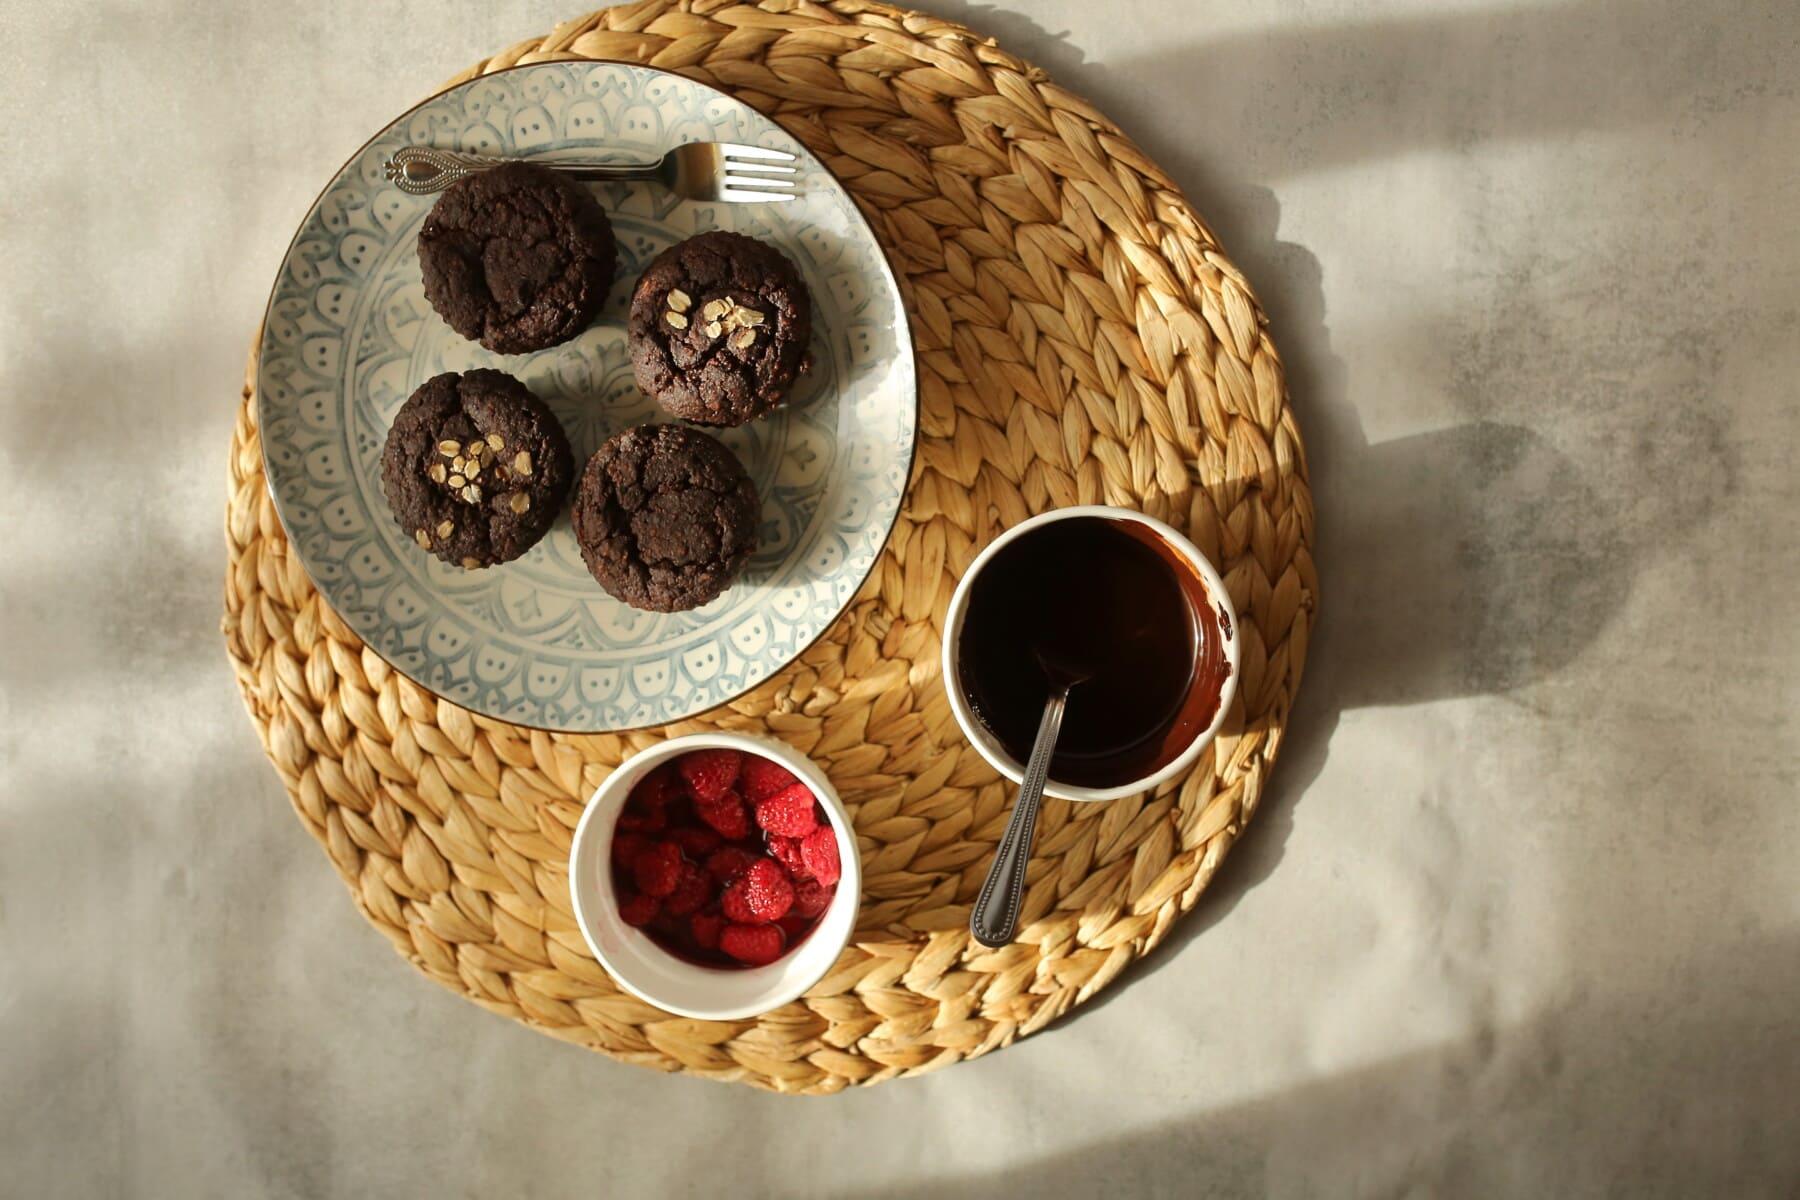 heiß, Schokolade, Cupcake, Beeren, hausgemachte, sehr lecker, Holz, Essen, Still-Leben, Interieur-design